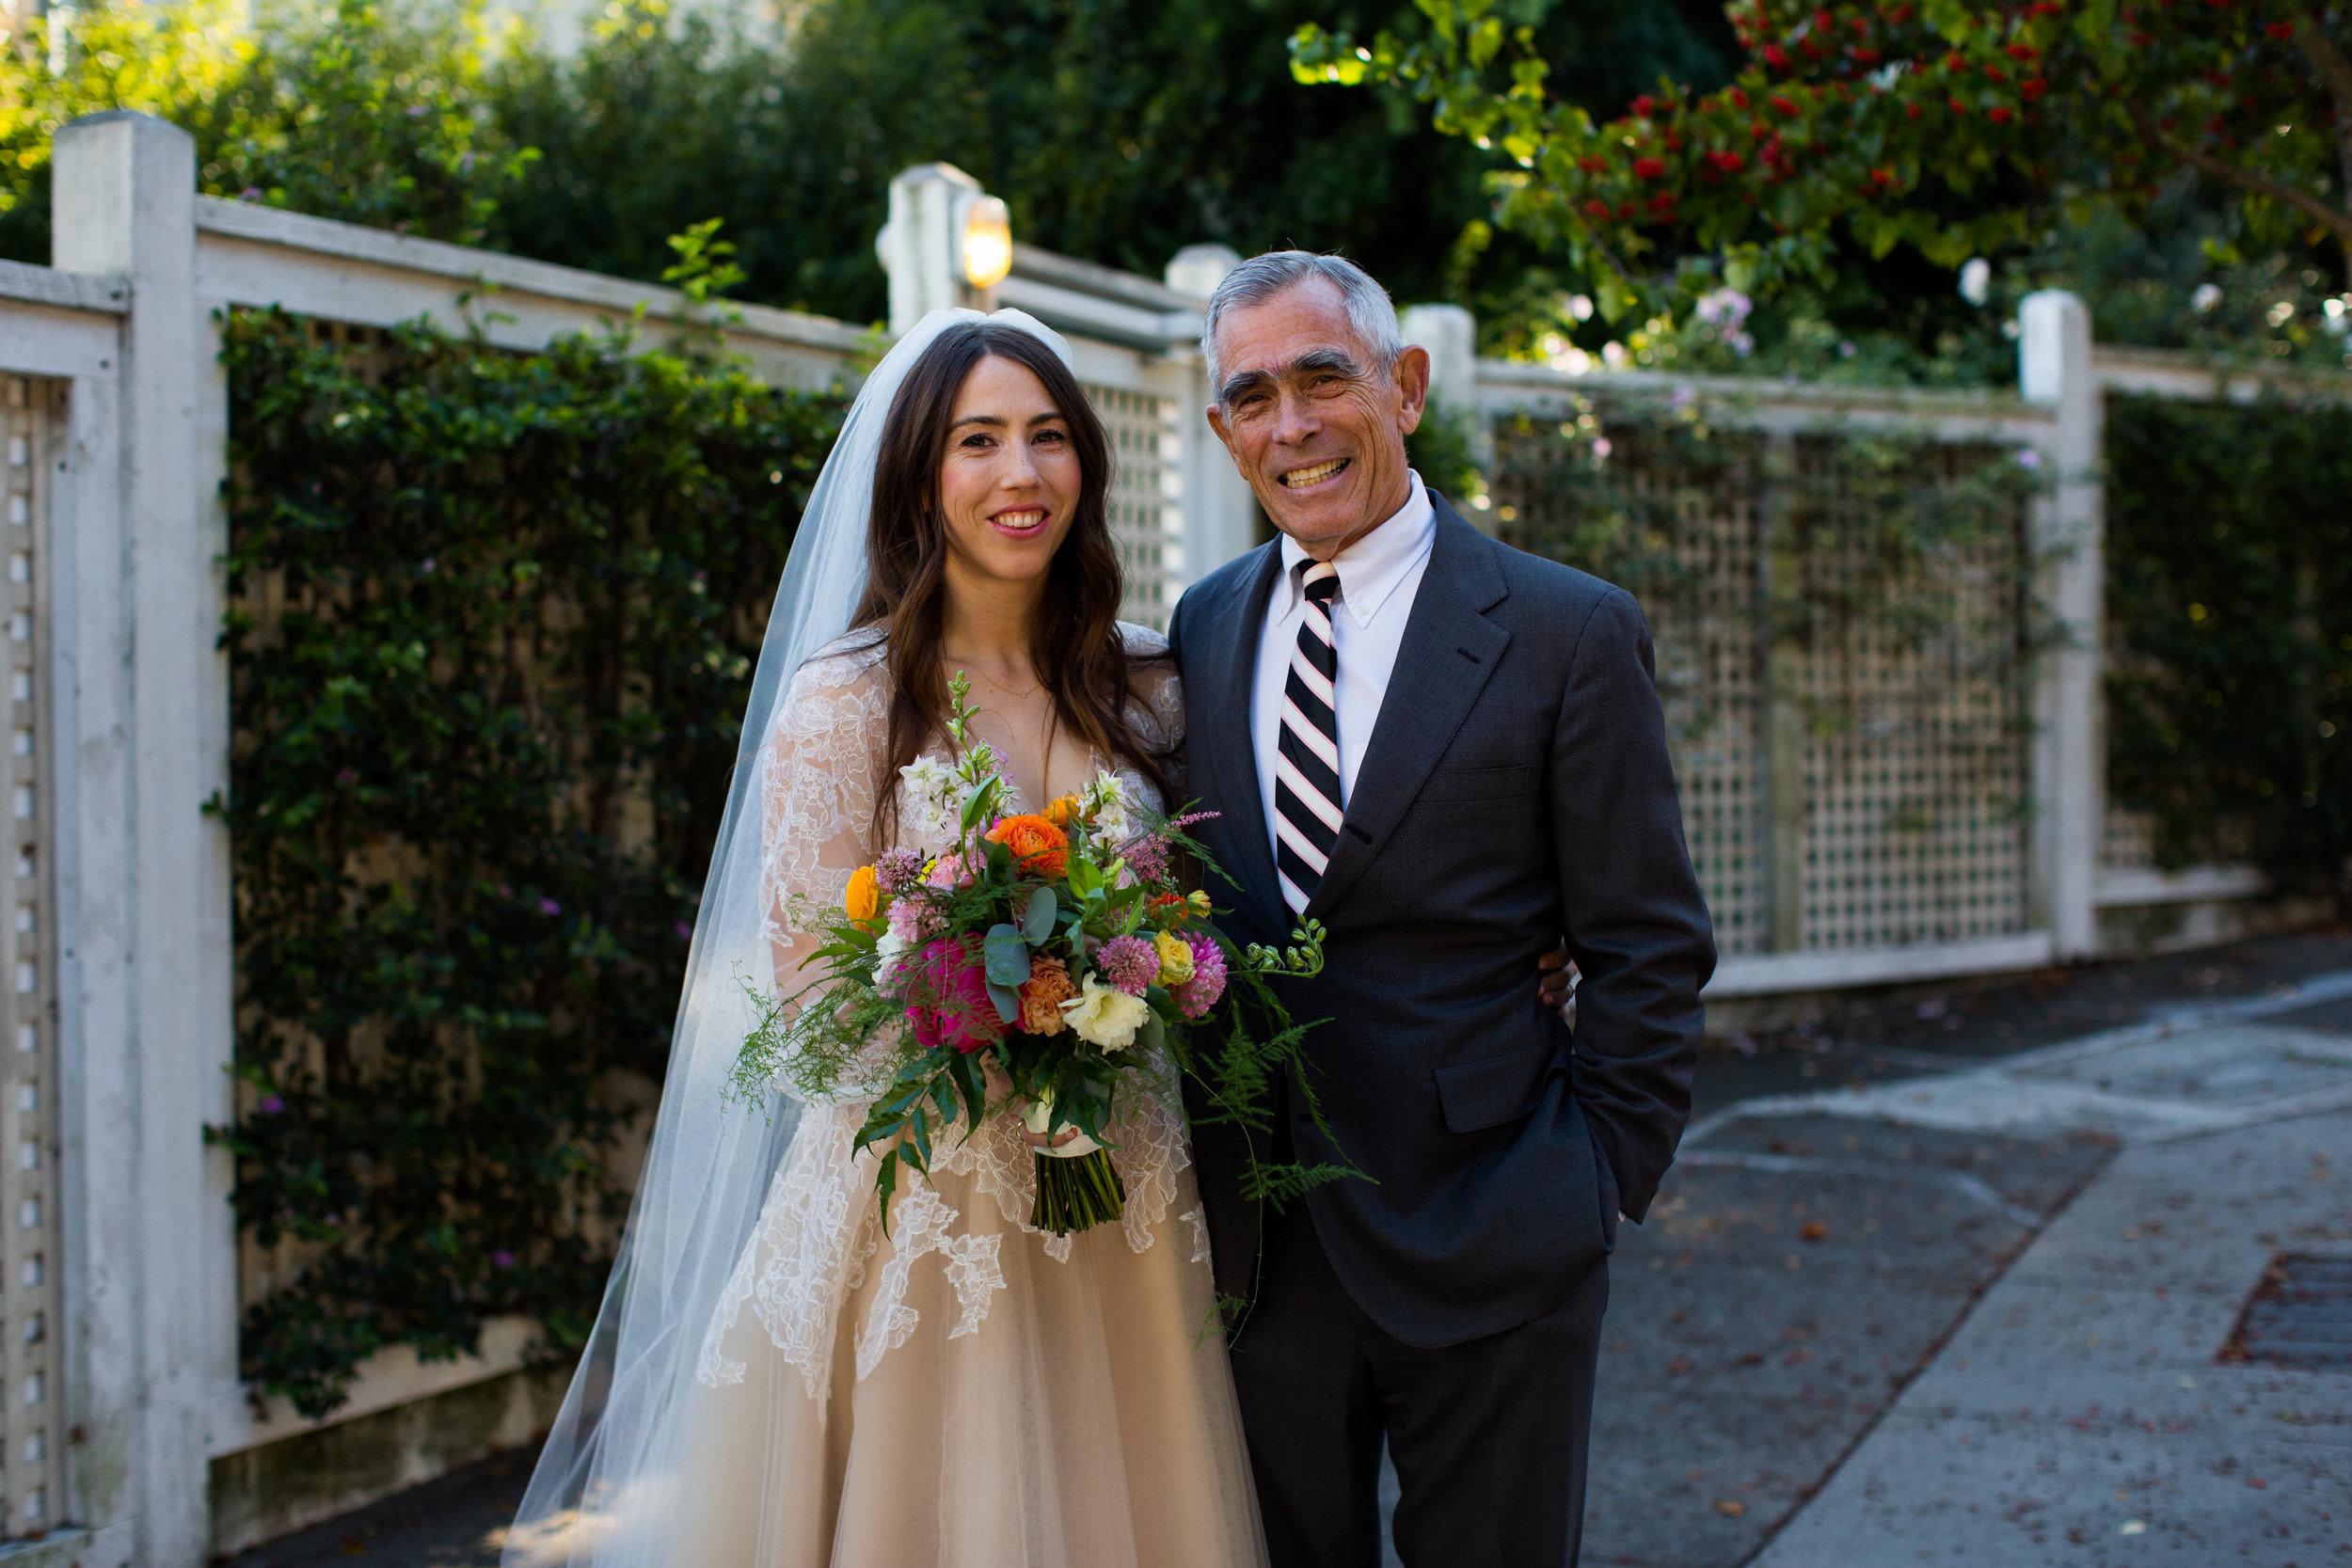 San Francisco Wedding Photographer - Family Photos-3.jpg